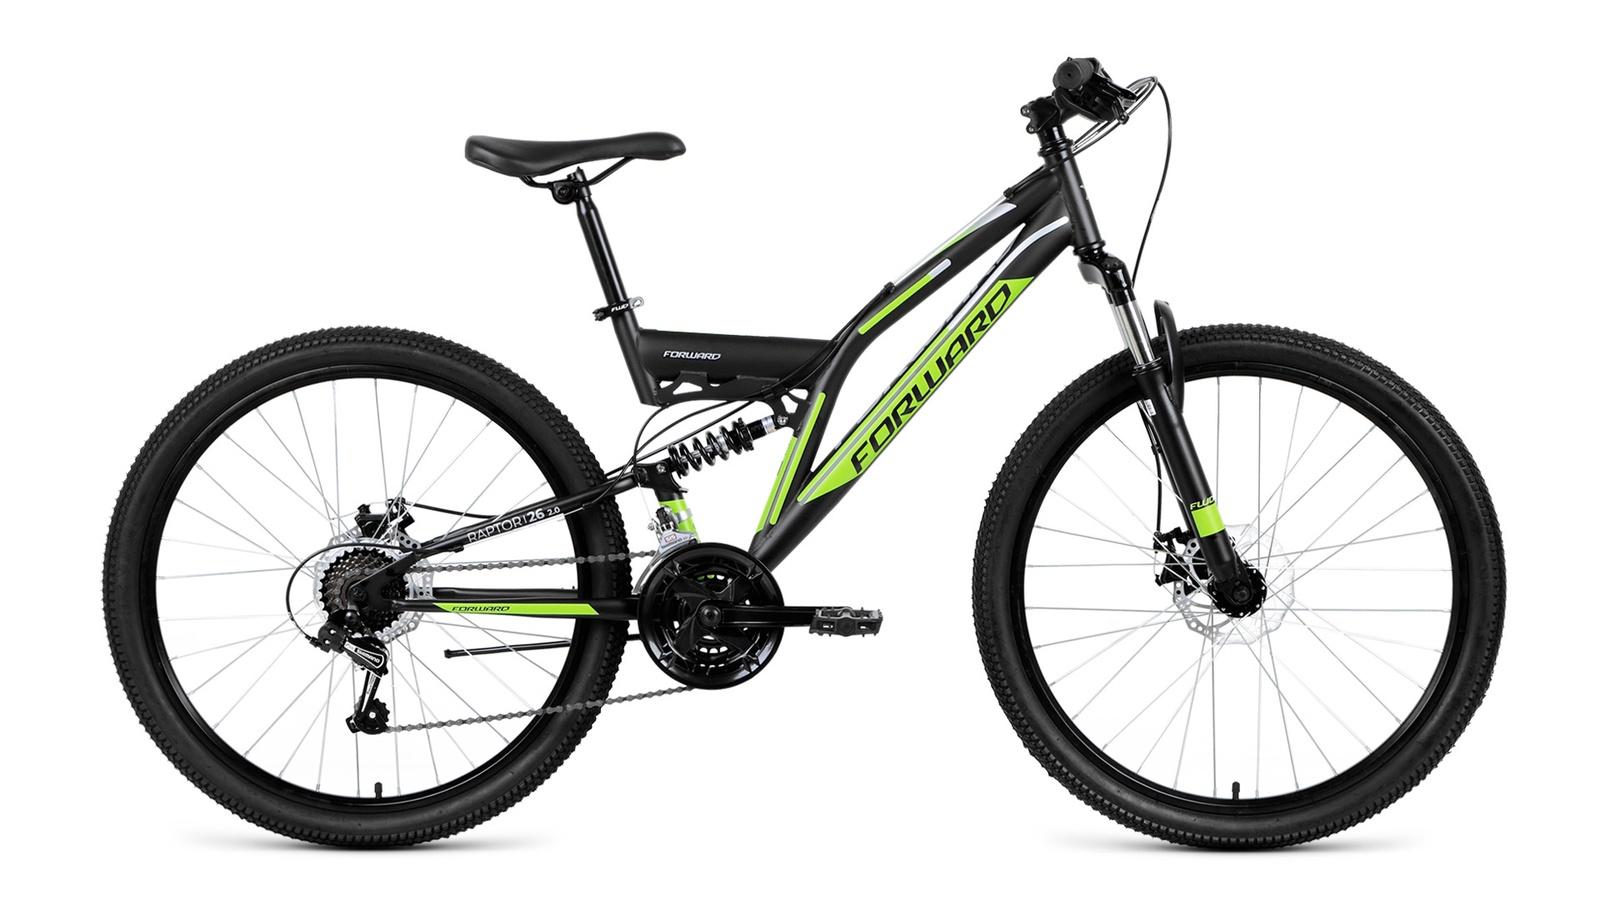 Велосипед Forward Raptor 26 2.0 disc, черный вилка амортизационная suntour гидравлическая для велосипедов 26 ход 100 120мм sf14 xcr32 rl 26